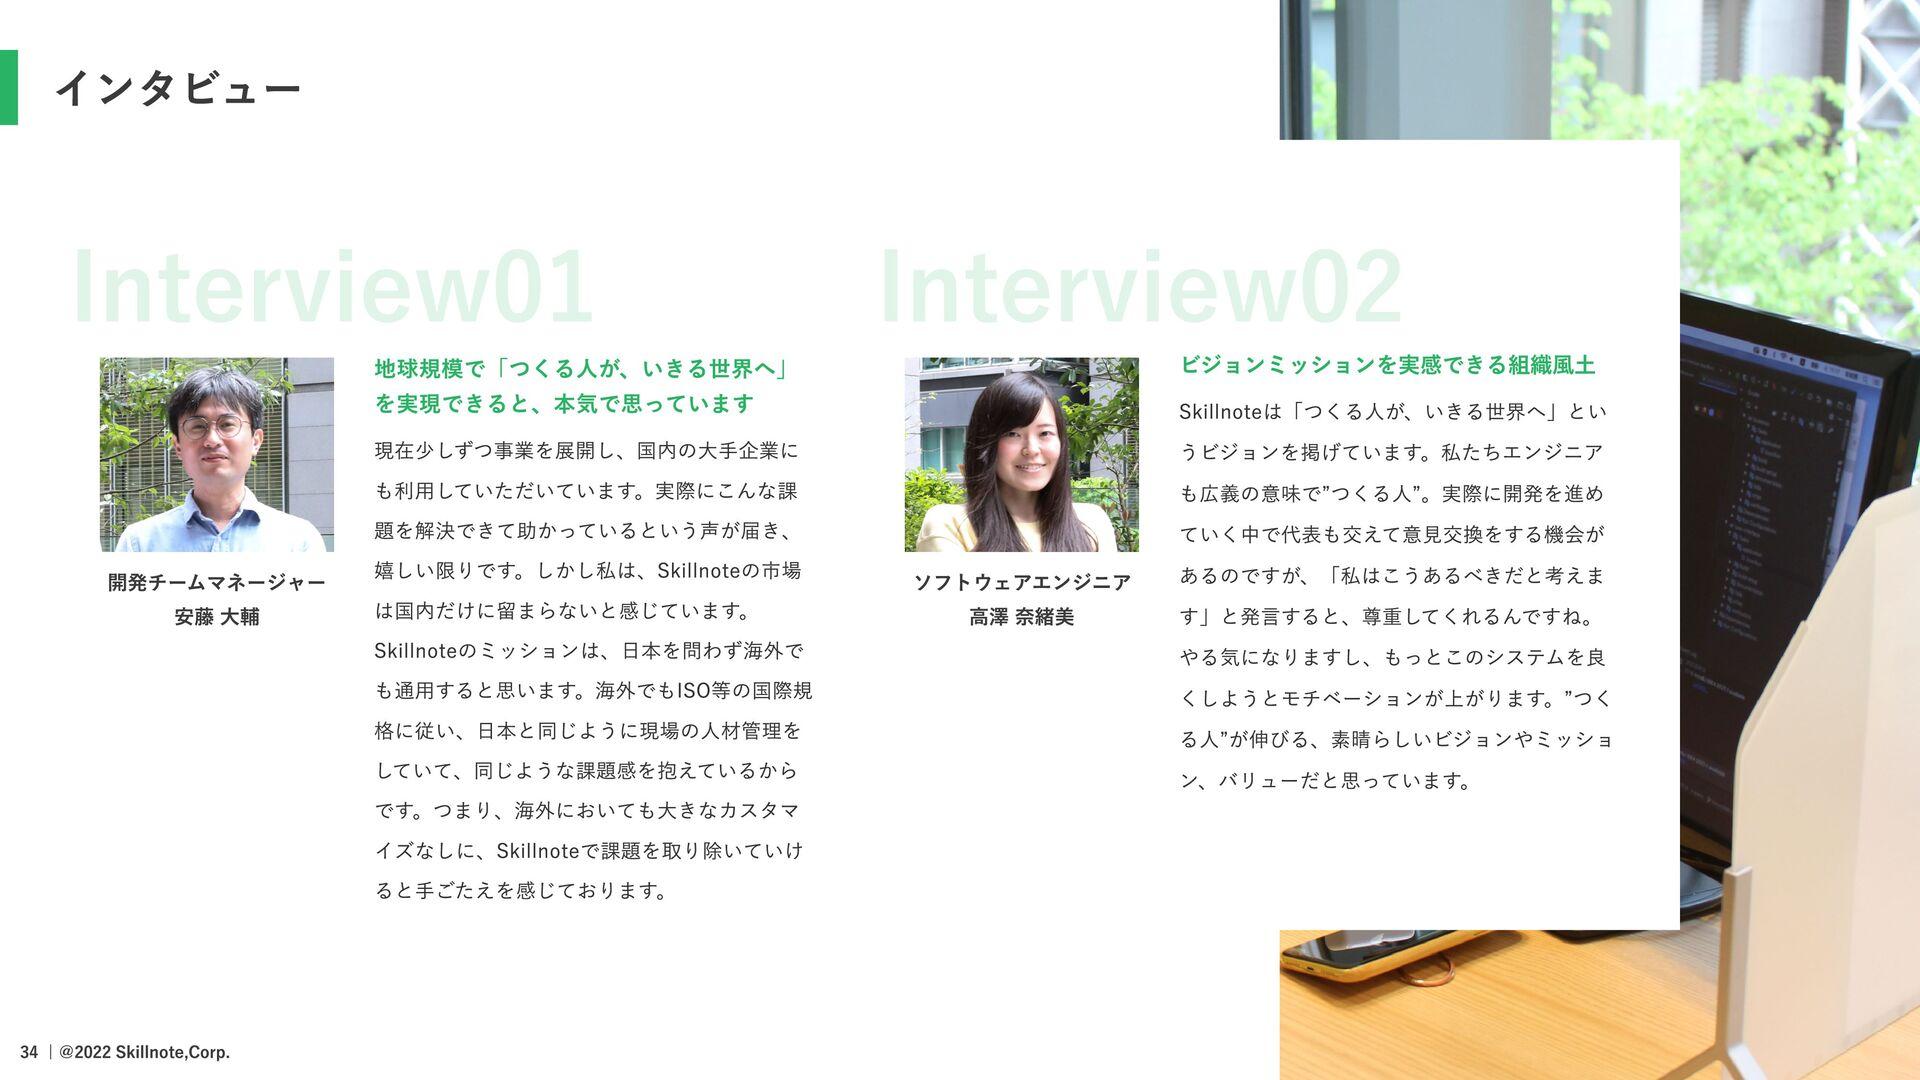 インタビュー Skillnoteは「つくる⼈が、いきる世界へ」とい うビジョンを掲げています。...